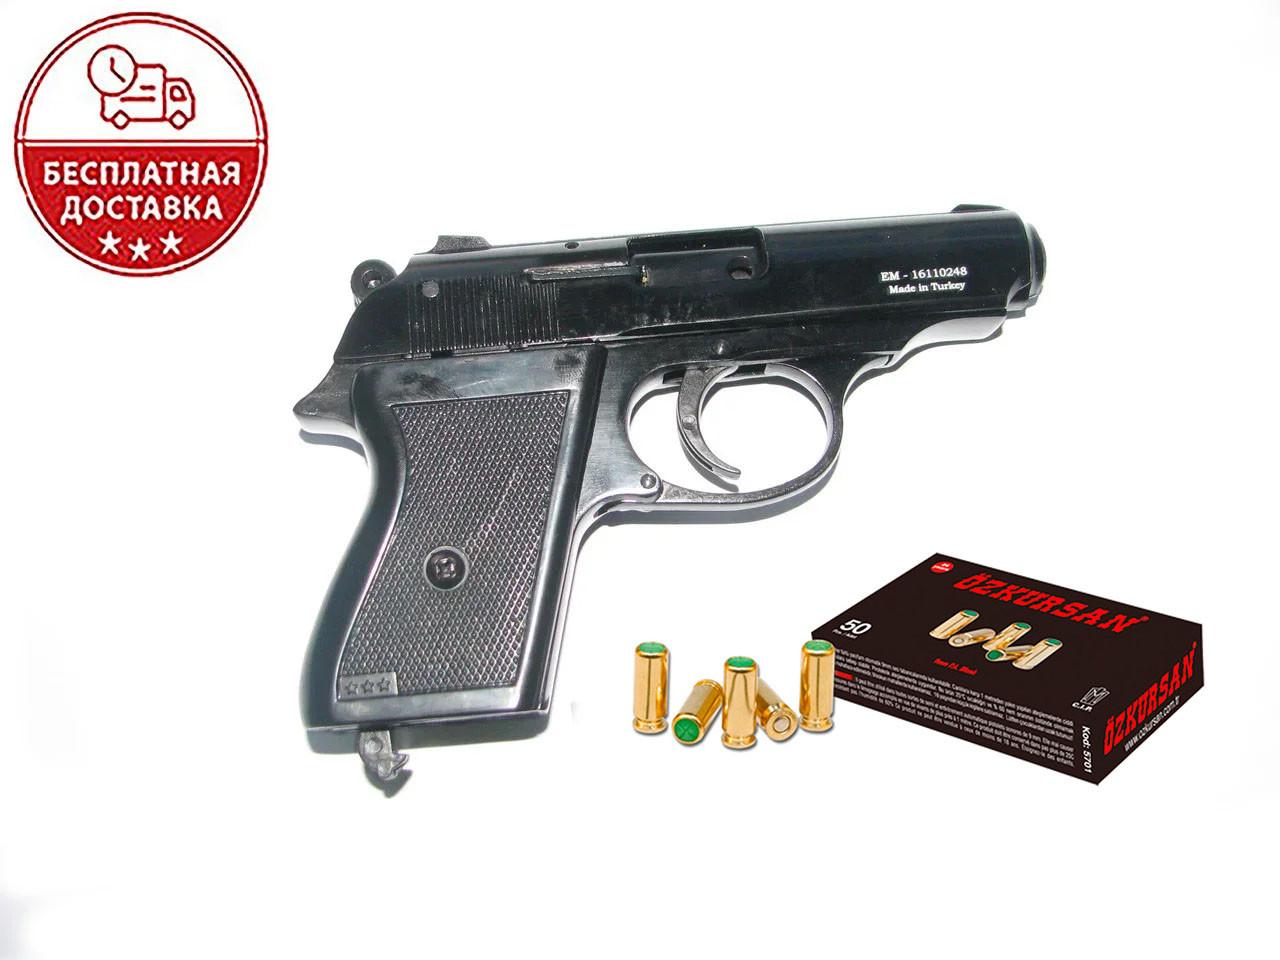 Сигнальный пистолет Ekol Major (Black) + патроны холостые OZKURSAN 50 шт в подарок